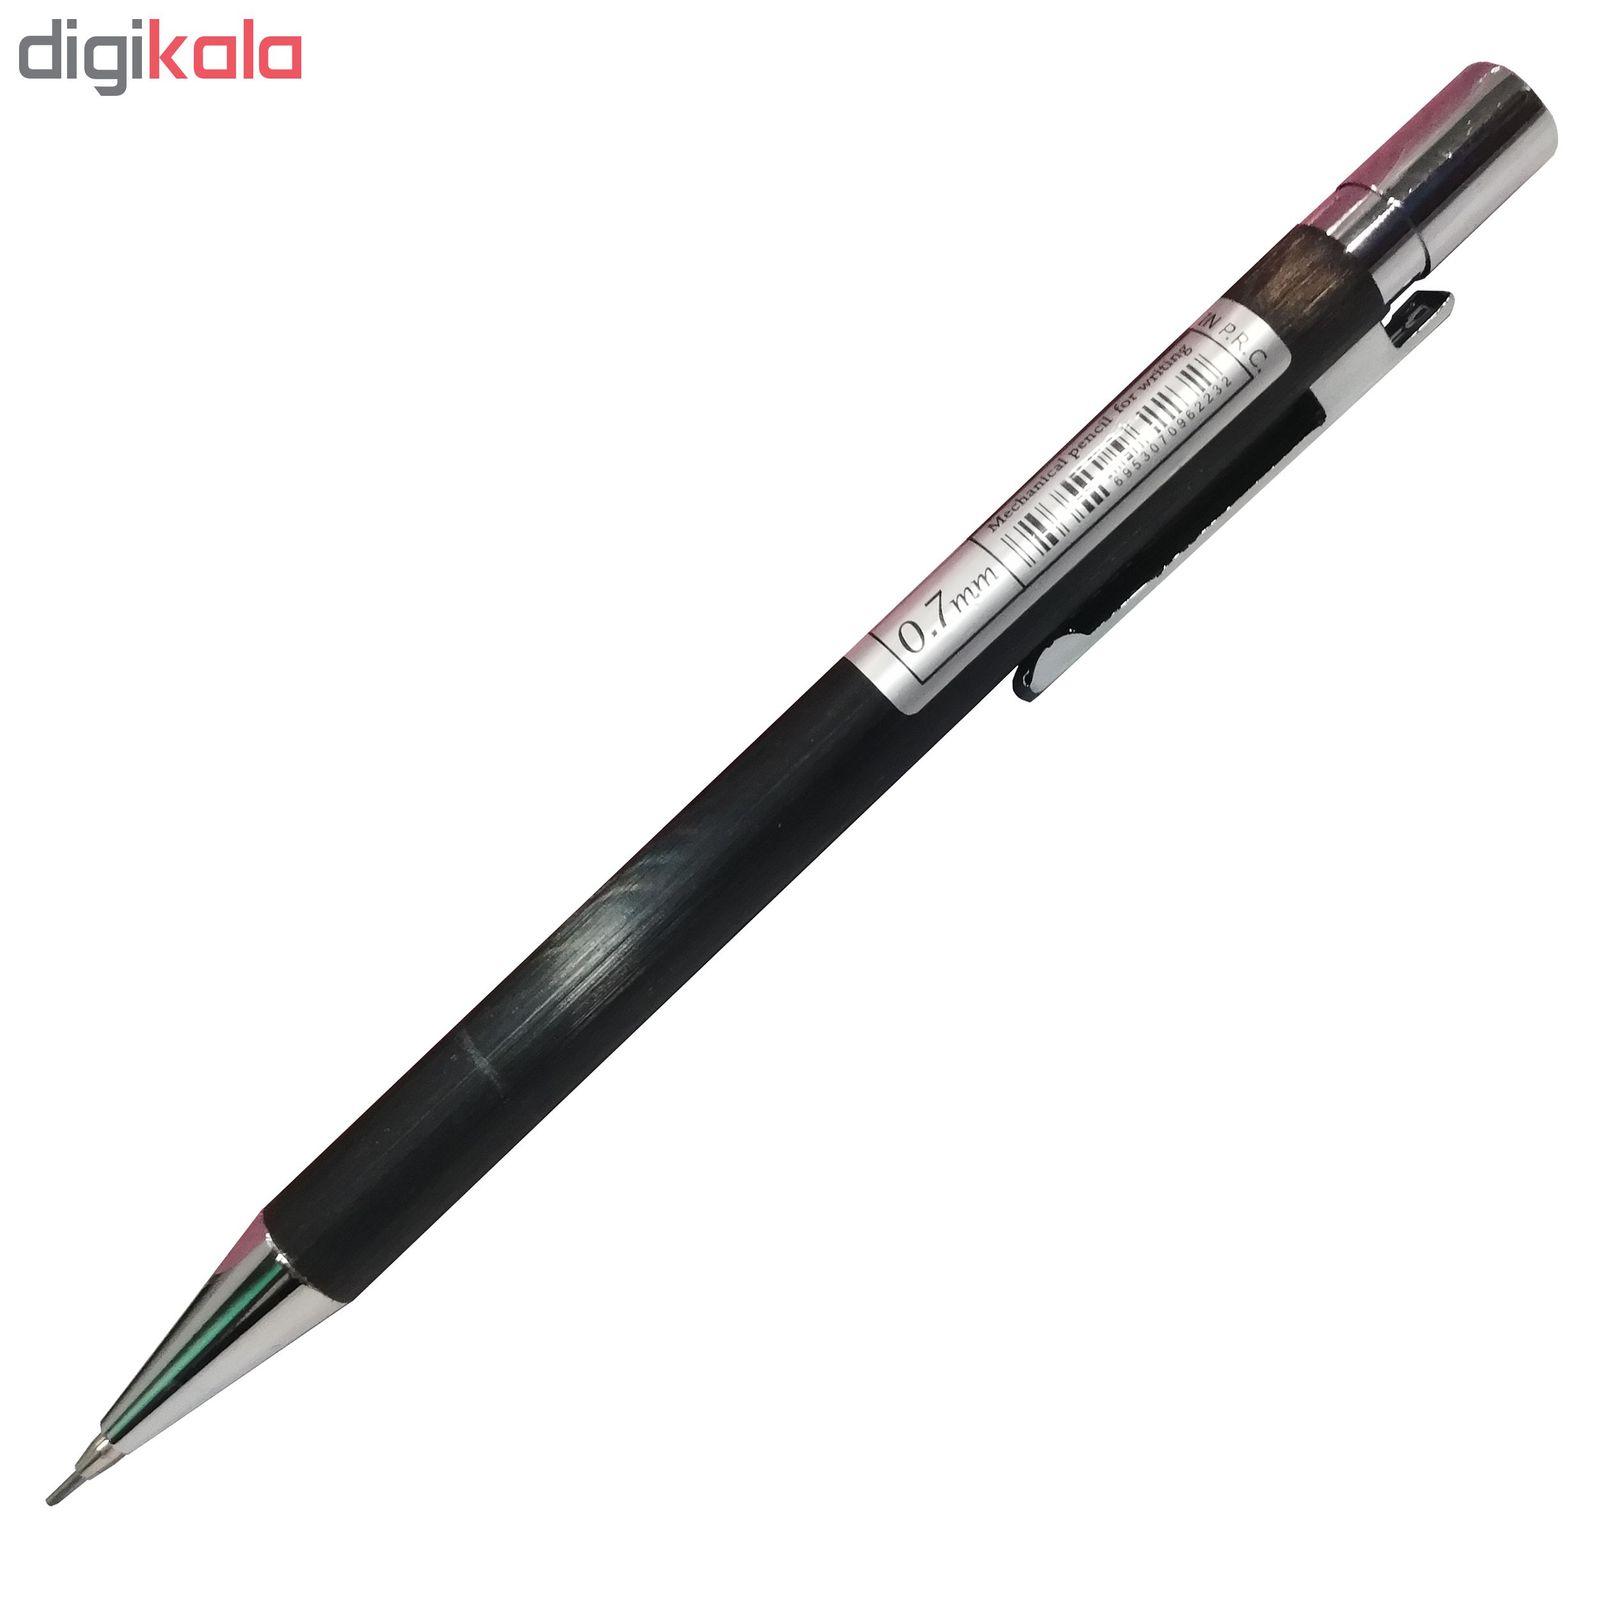 مداد نوکی اتود کورونا کدZ2 قطر  0.7 میلی متر main 1 1